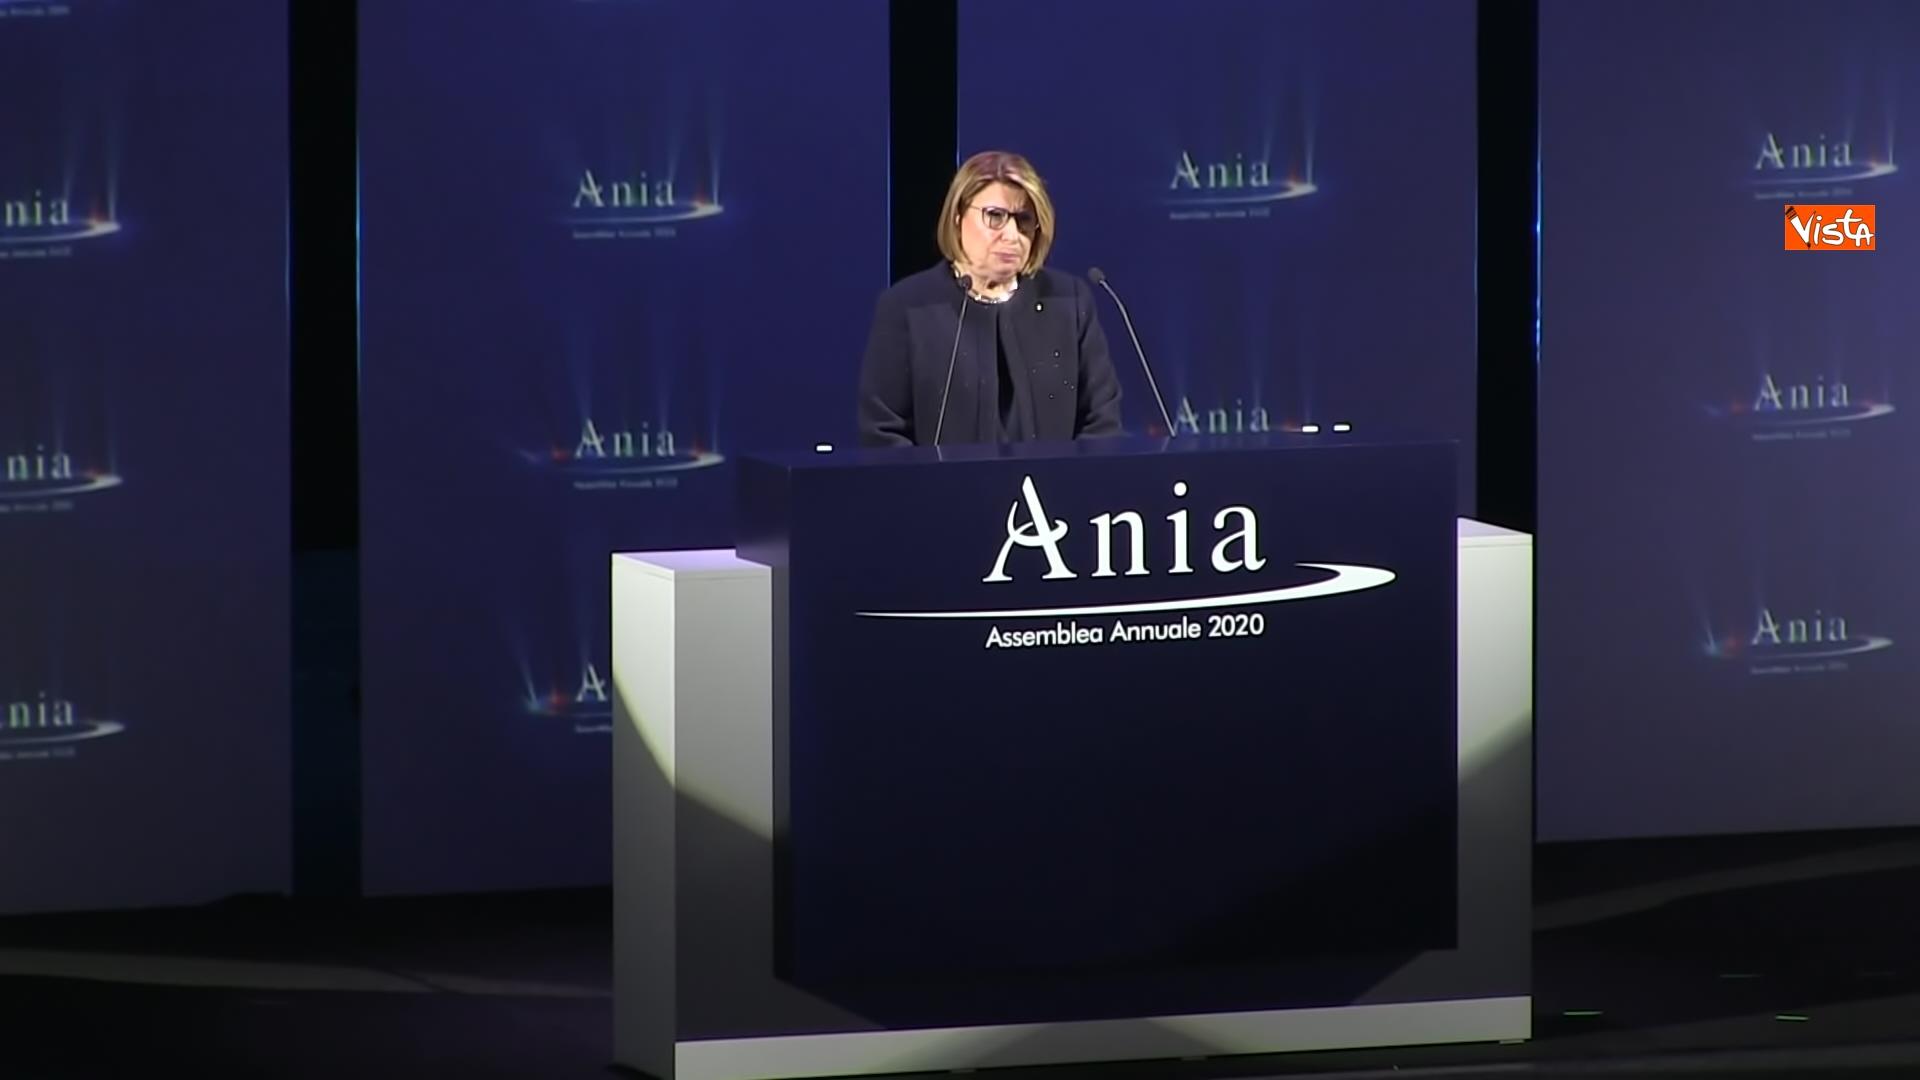 19-10-20 Ania l assemblea annuale 2020 con Conte e Patuanelli in video collegamento immagini_la presidente Ania Maria Bianca Farina_06